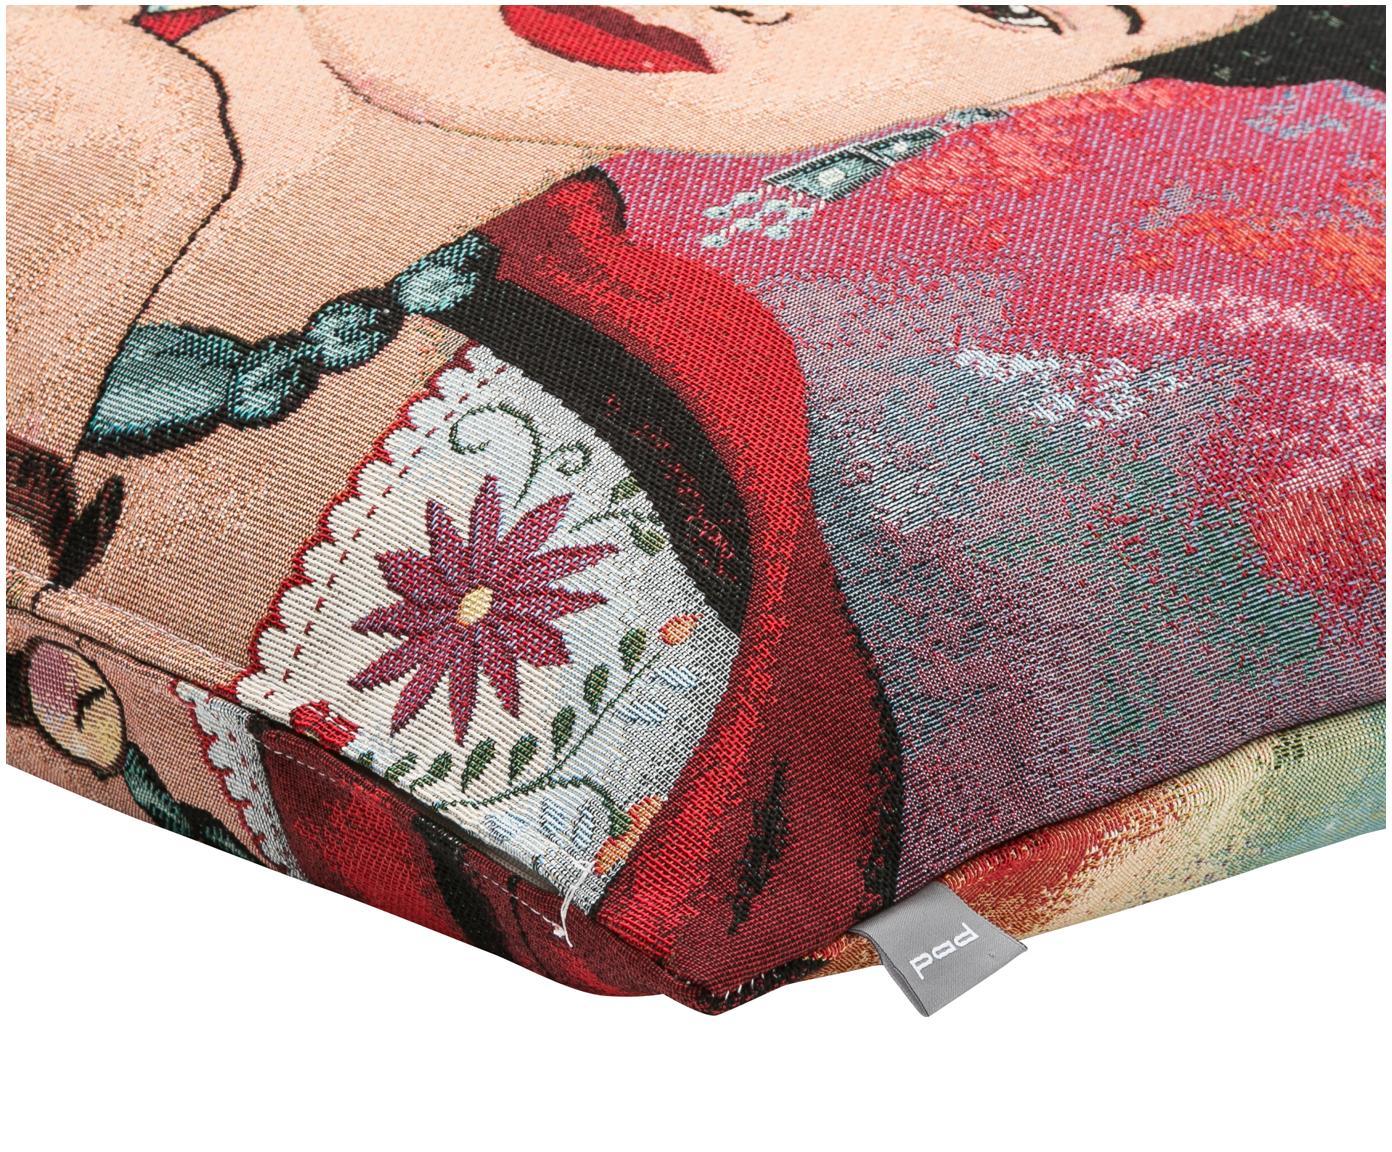 Poszewka na poduszkę Legend, 50% bawełna, 45% poliester, 5% poliakrylonitryl, Wielobarwny, S 45 x D 45 cm